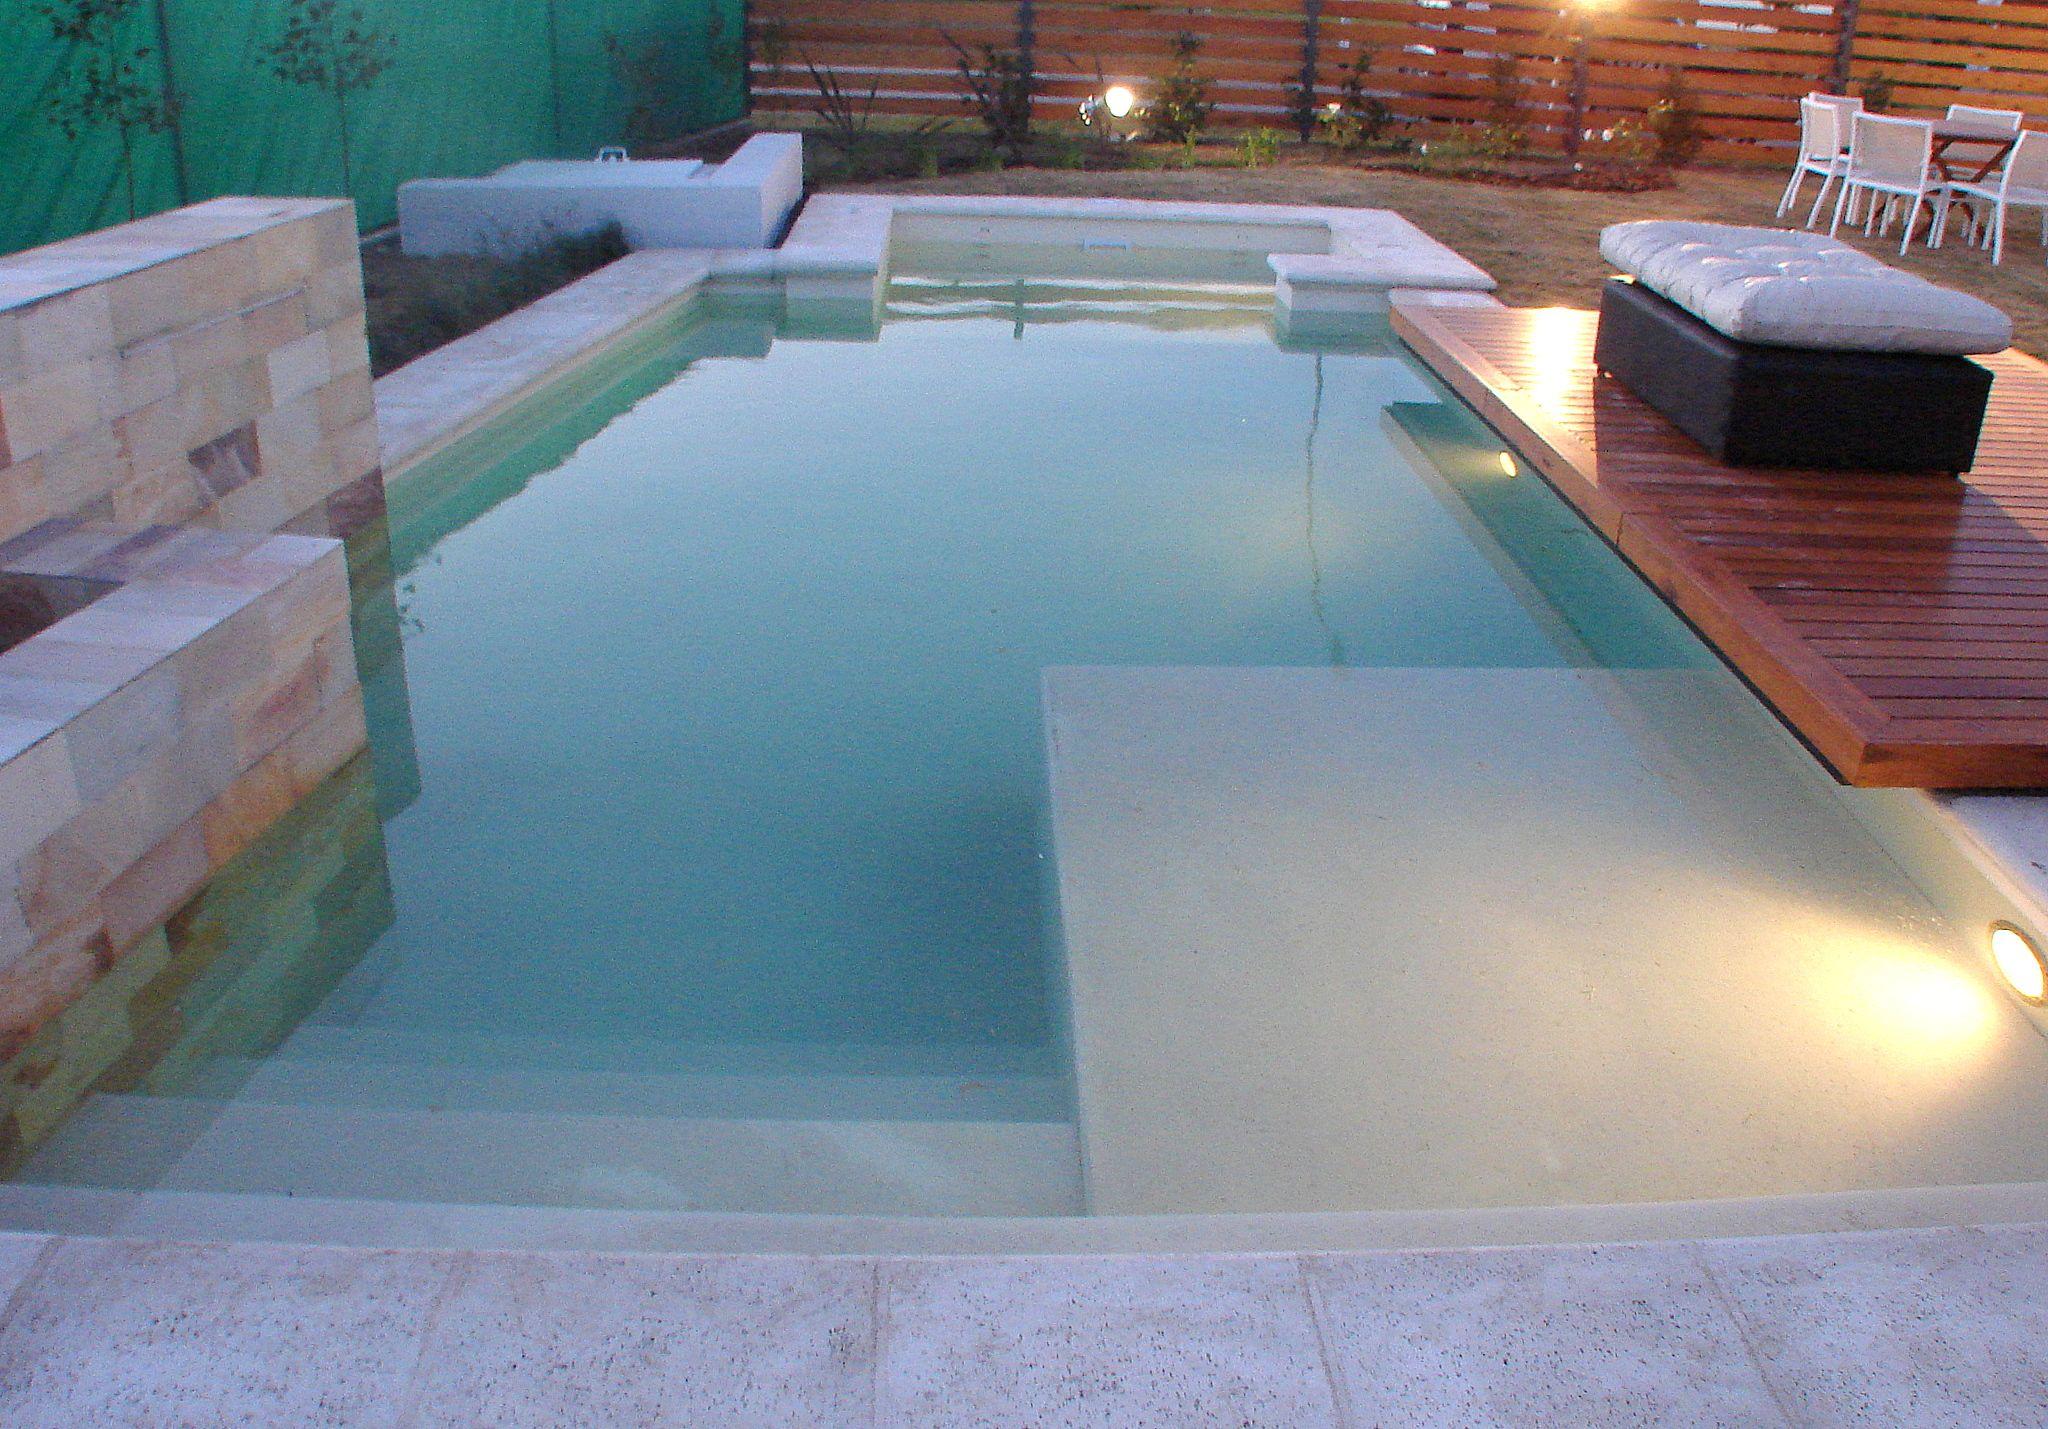 Piscina muro revestido en piedra deck de madera - Piedras para piscinas ...